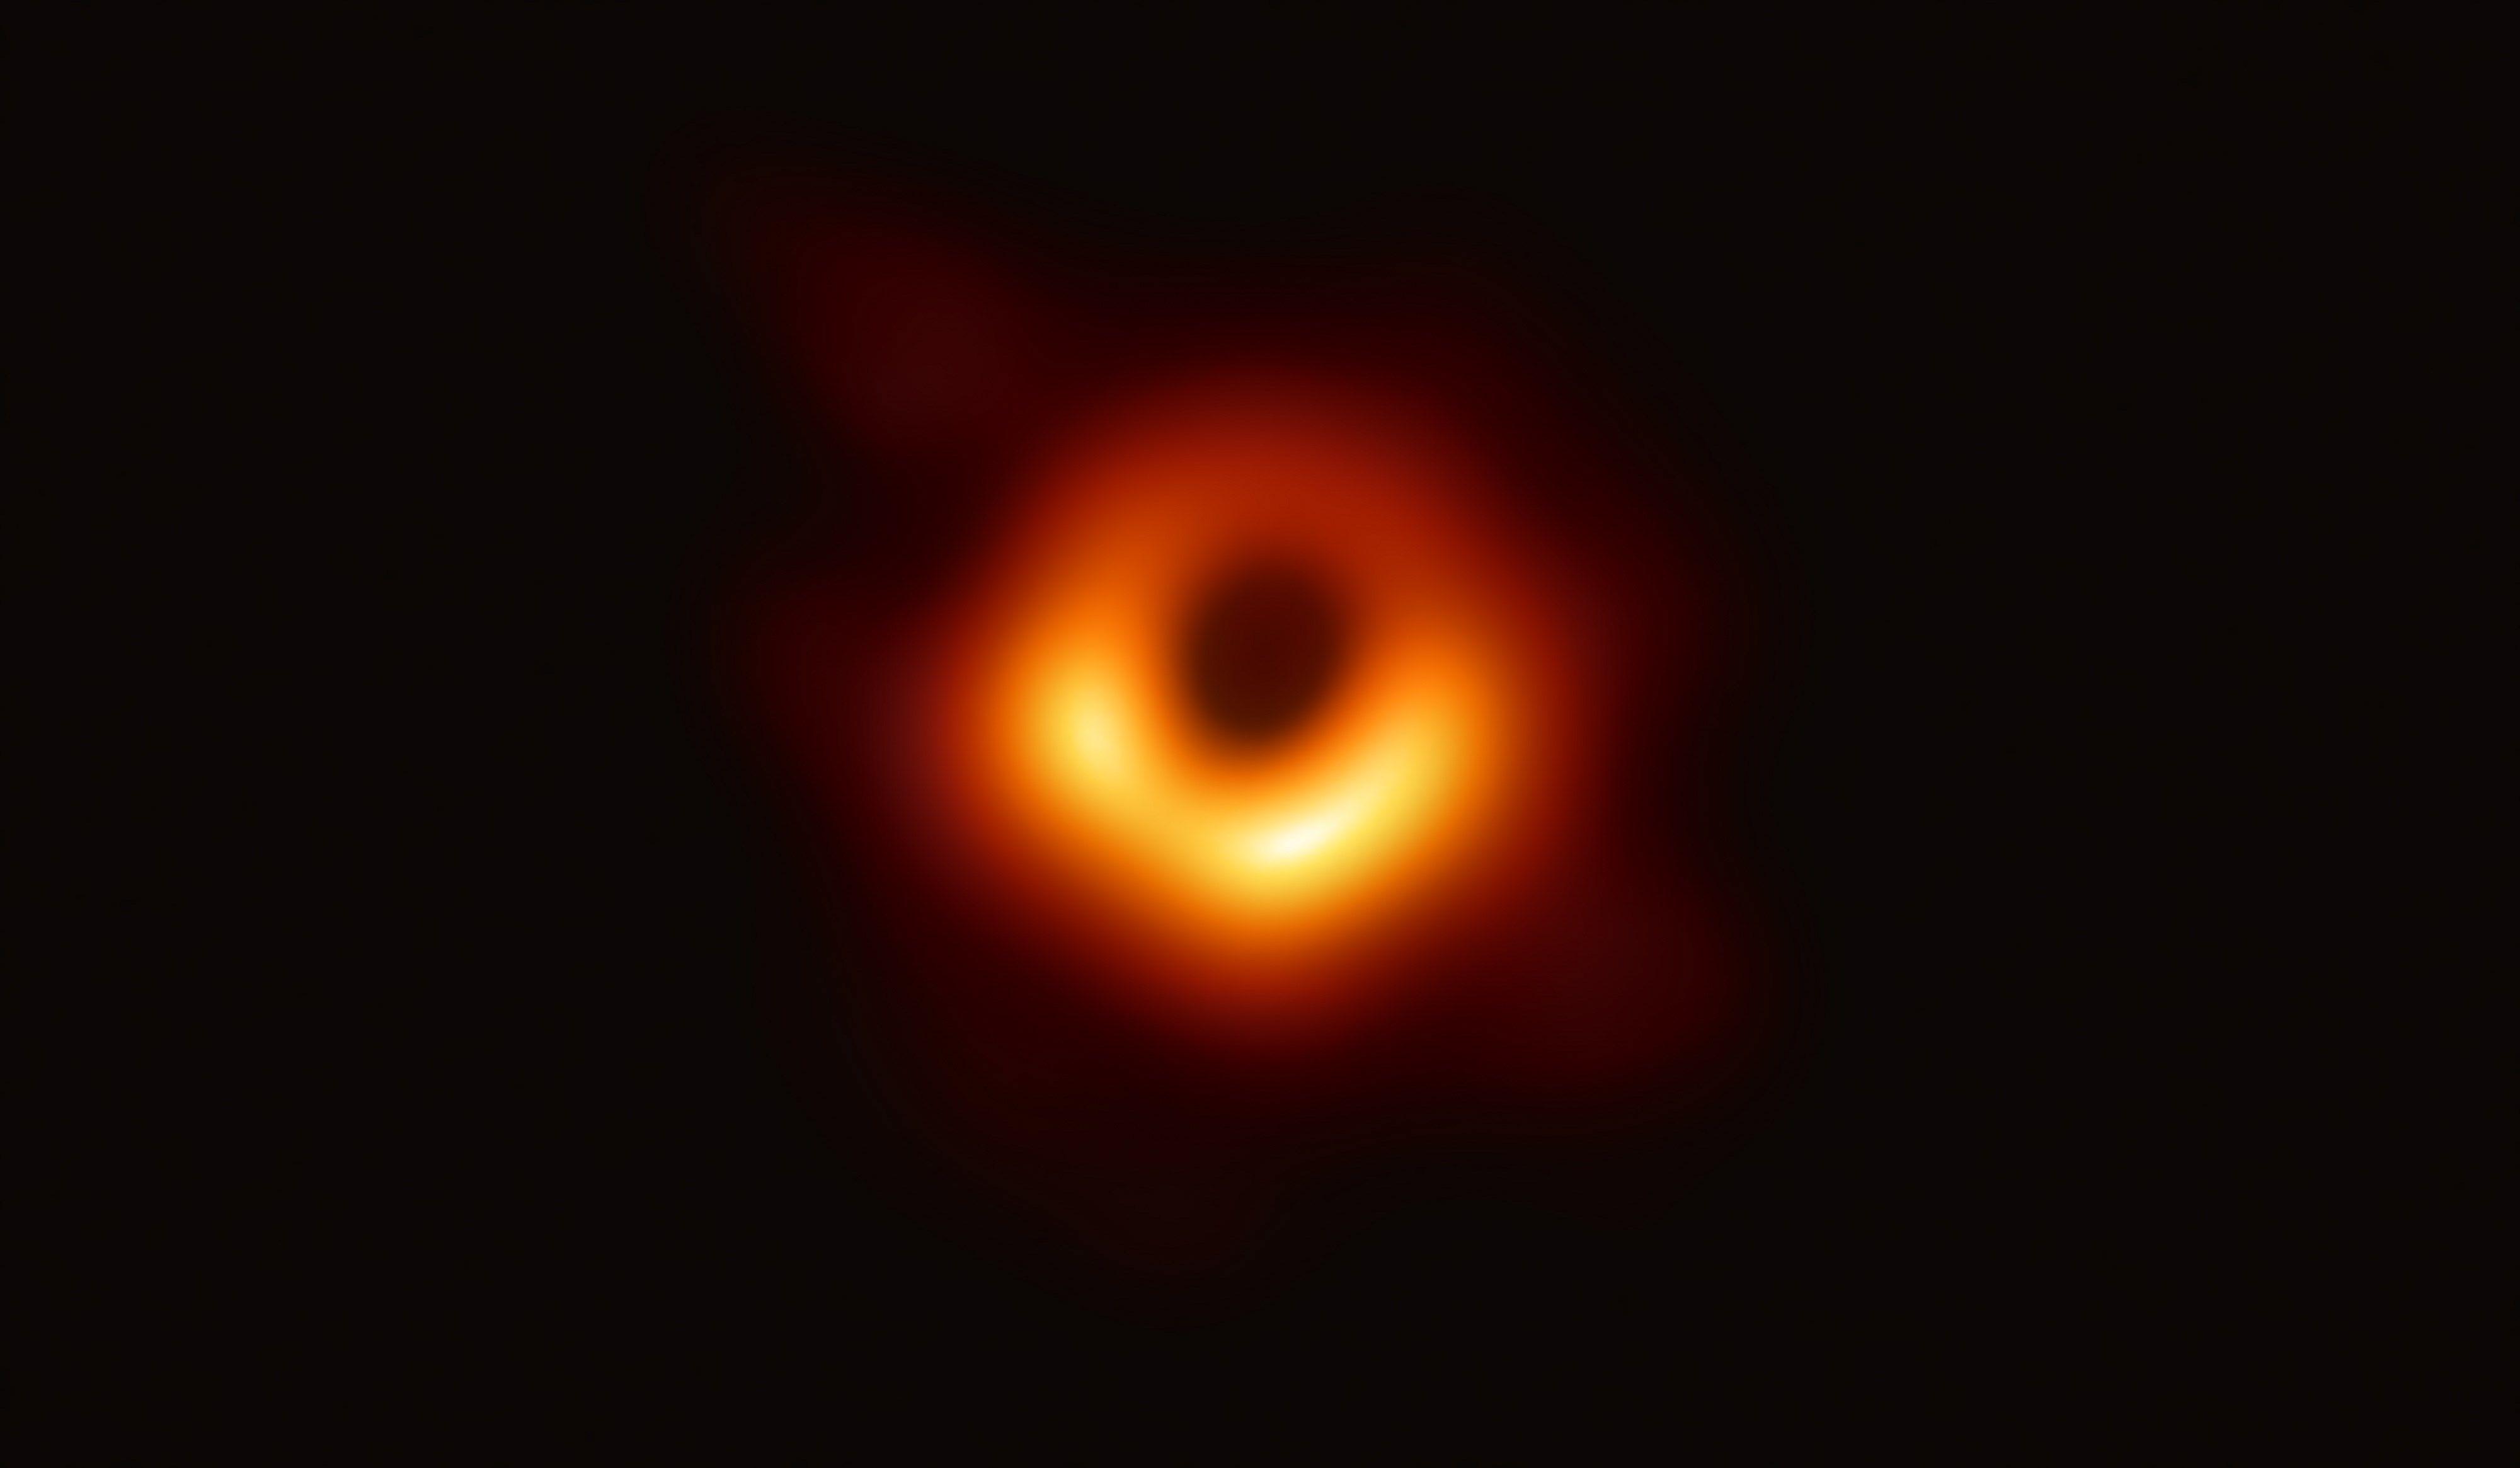 CIENCIA. Imagen de un anillo con una mitad más luminosa que la otra que corresponde al agujero negro supermasivo ubicado en el centro de la galaxia M87.